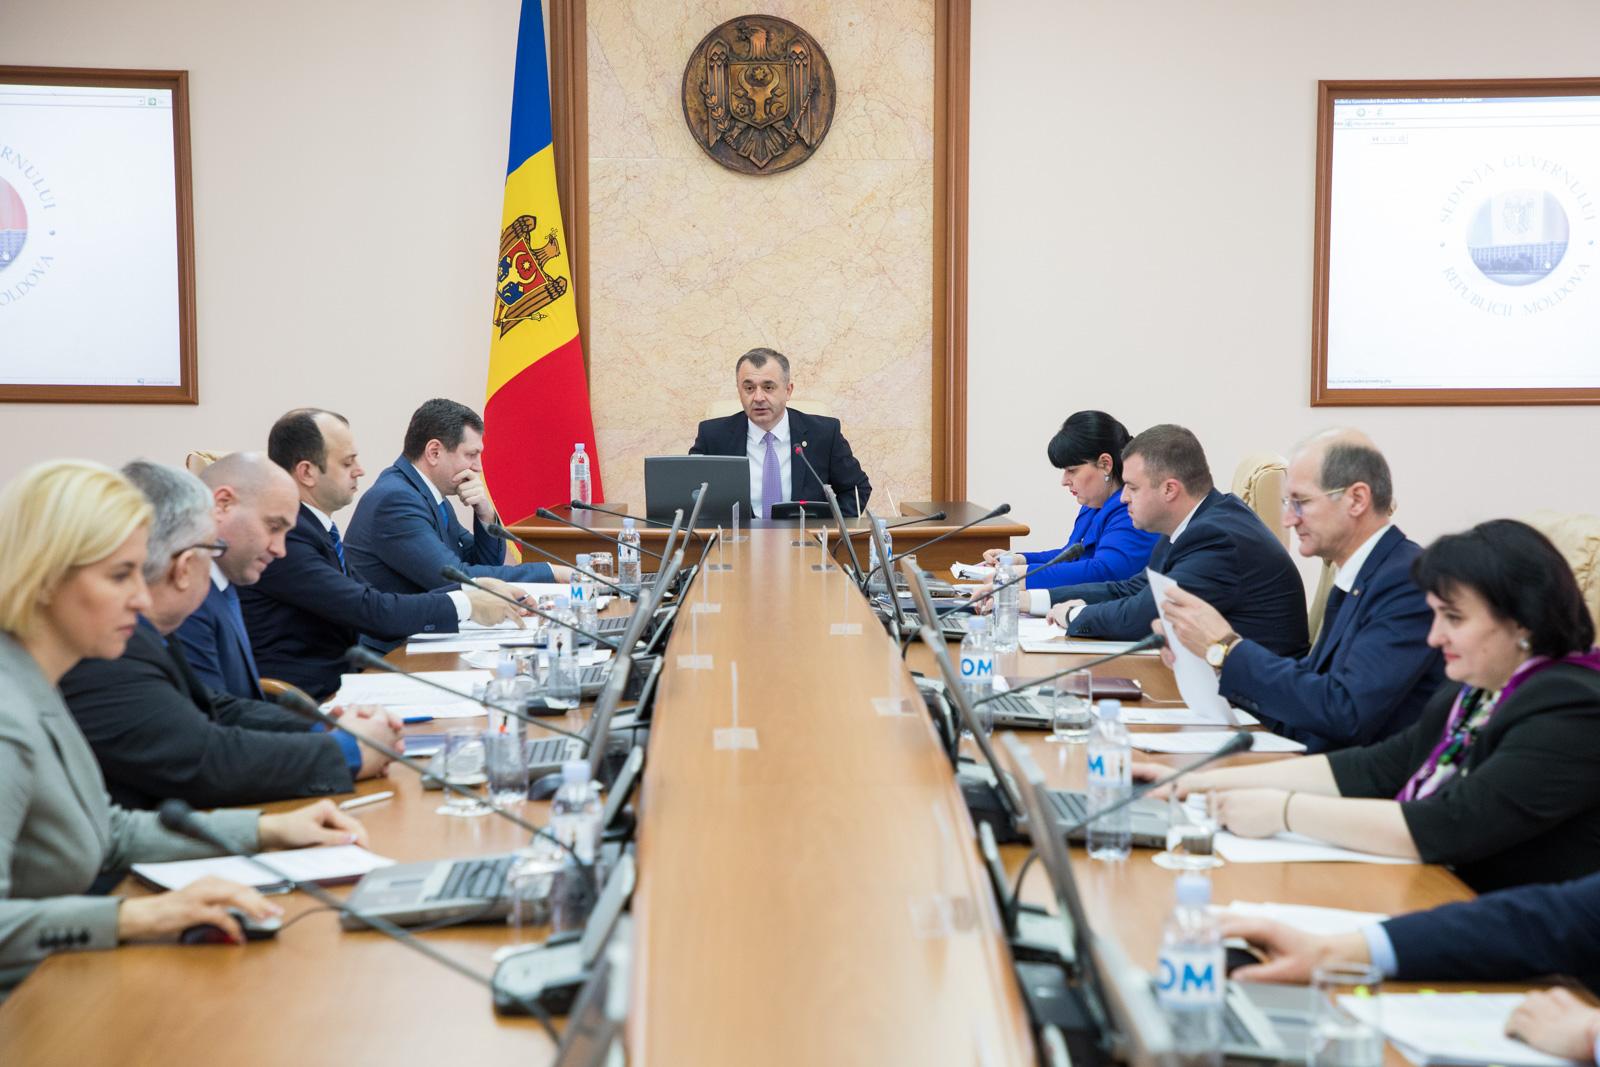 (SONDAJ) Ce părere aveți despre activitatea actualului Cabinet de miniștri?